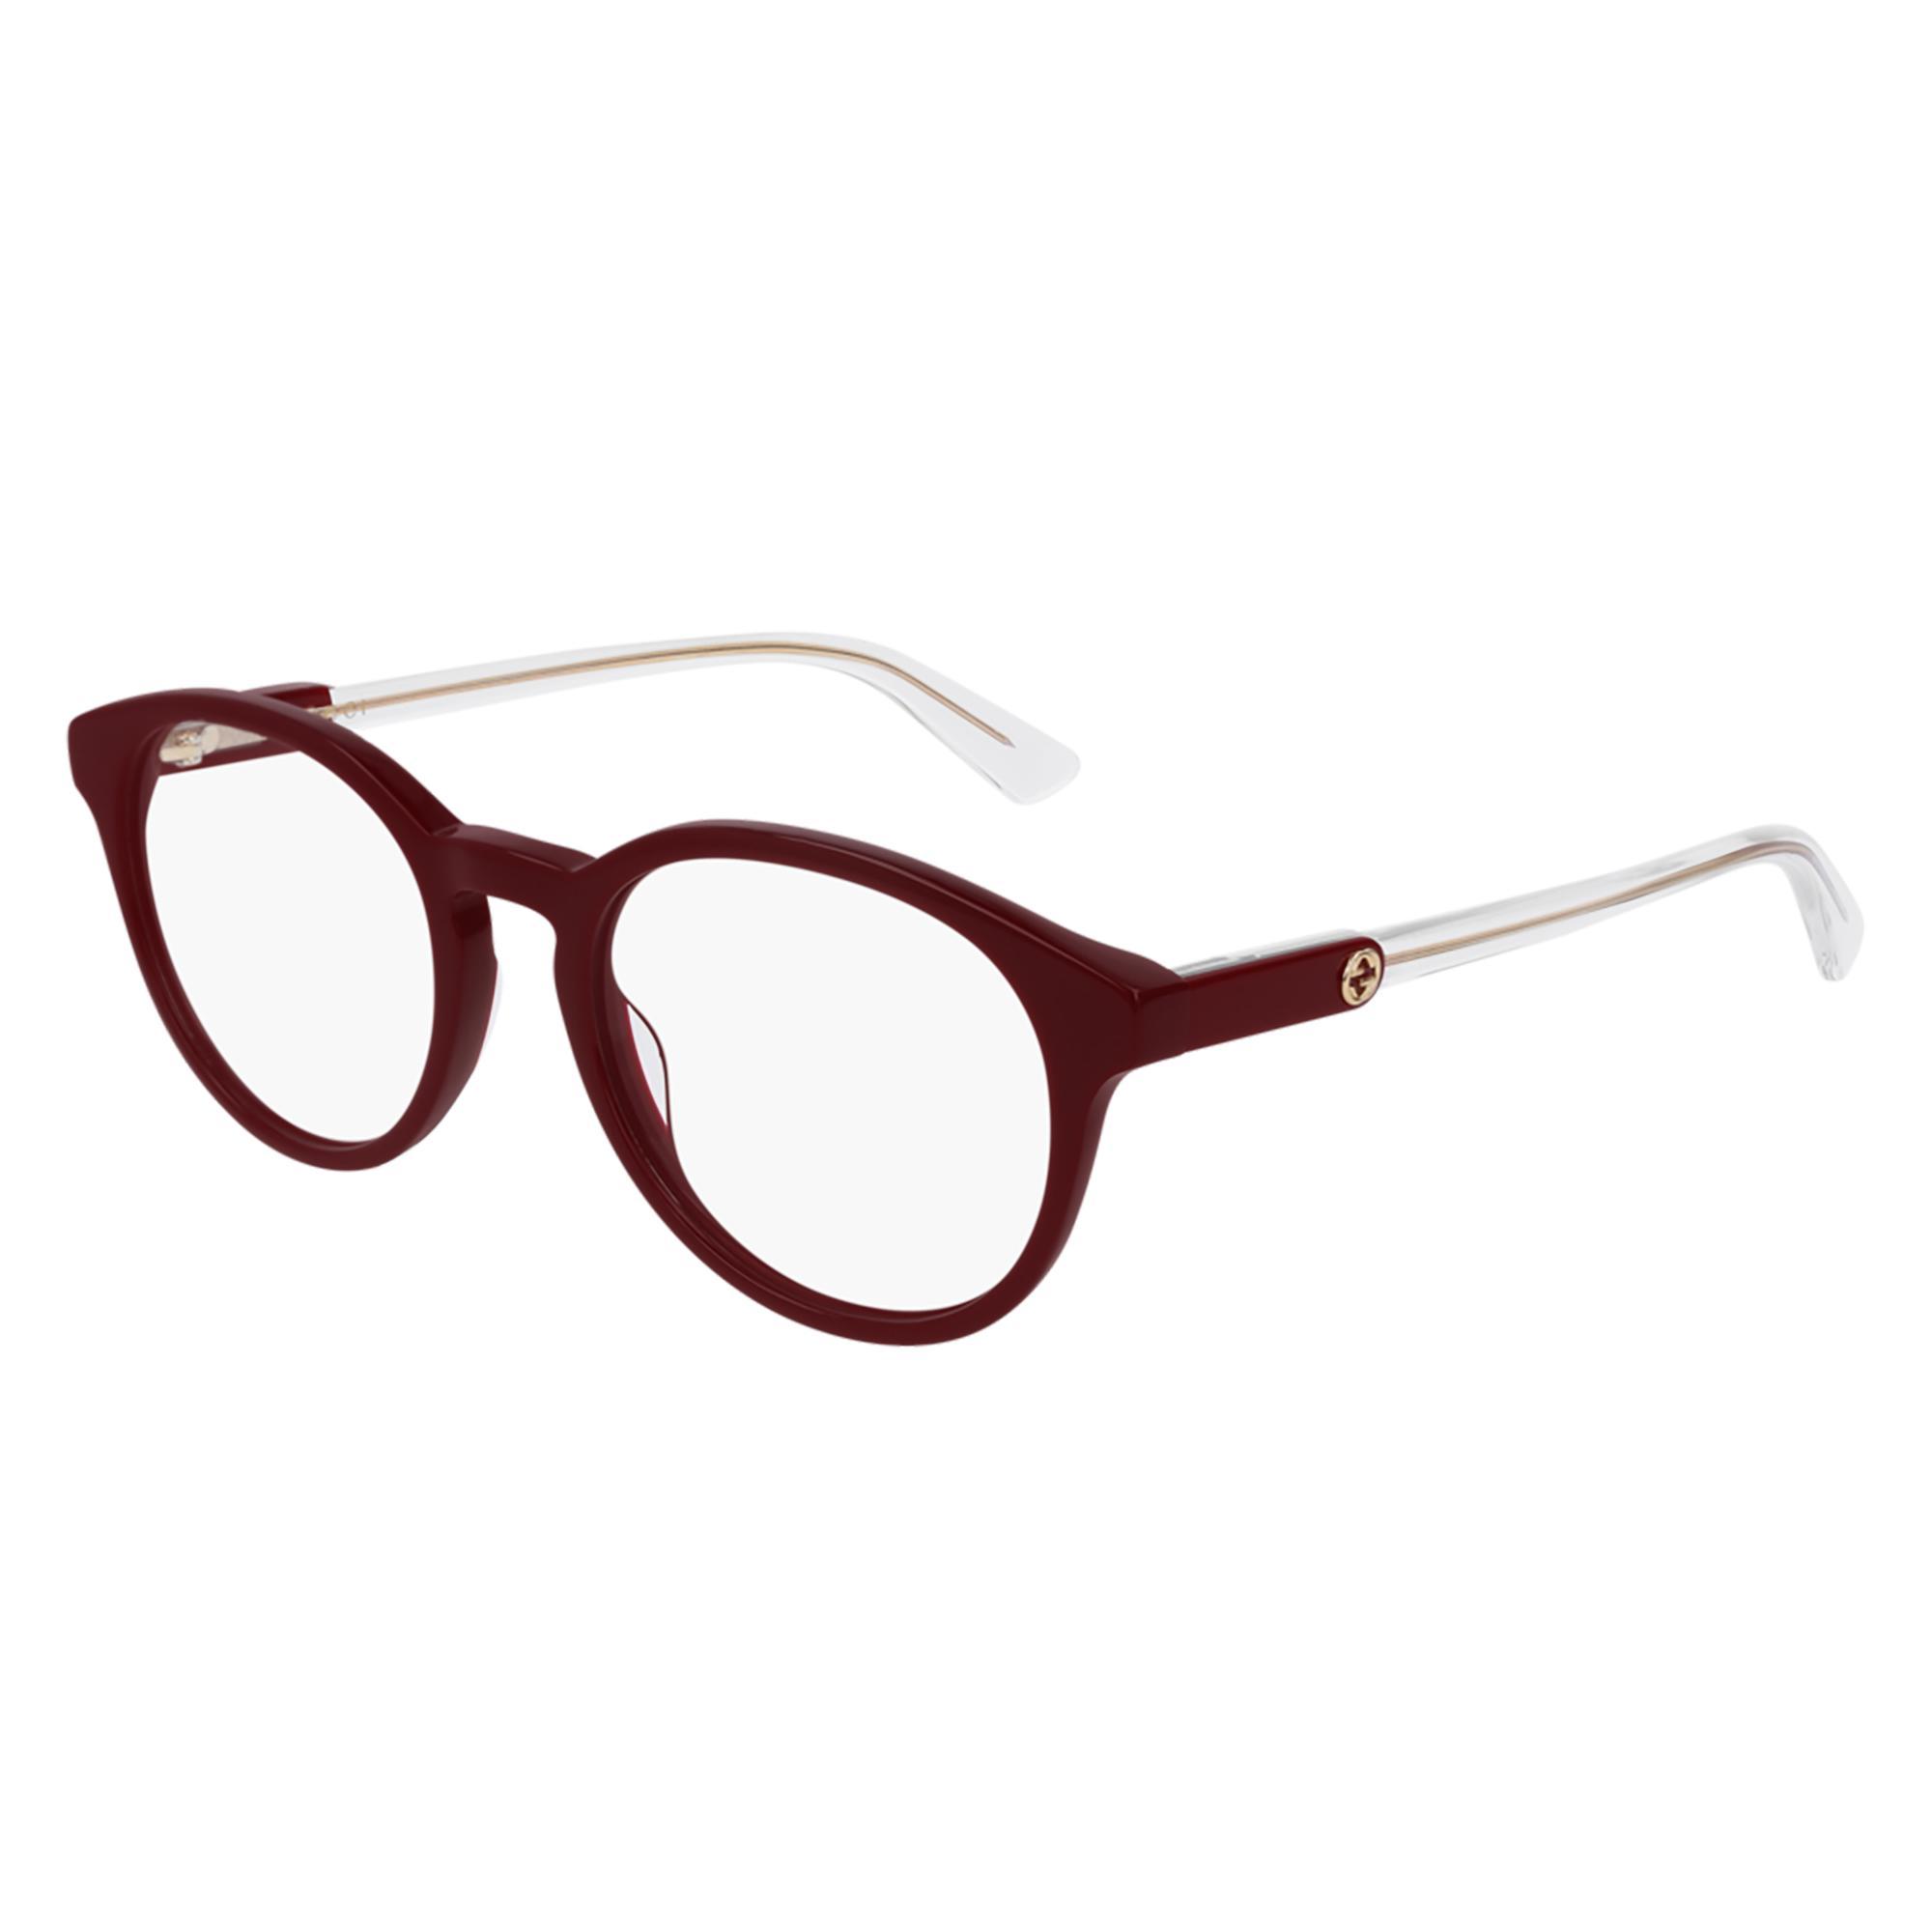 Wählen Sie für authentisch Talsohle Preis das Neueste Brillen Damen Gucci 004 Burgundy Burgundy Tra | Blitzforeyes